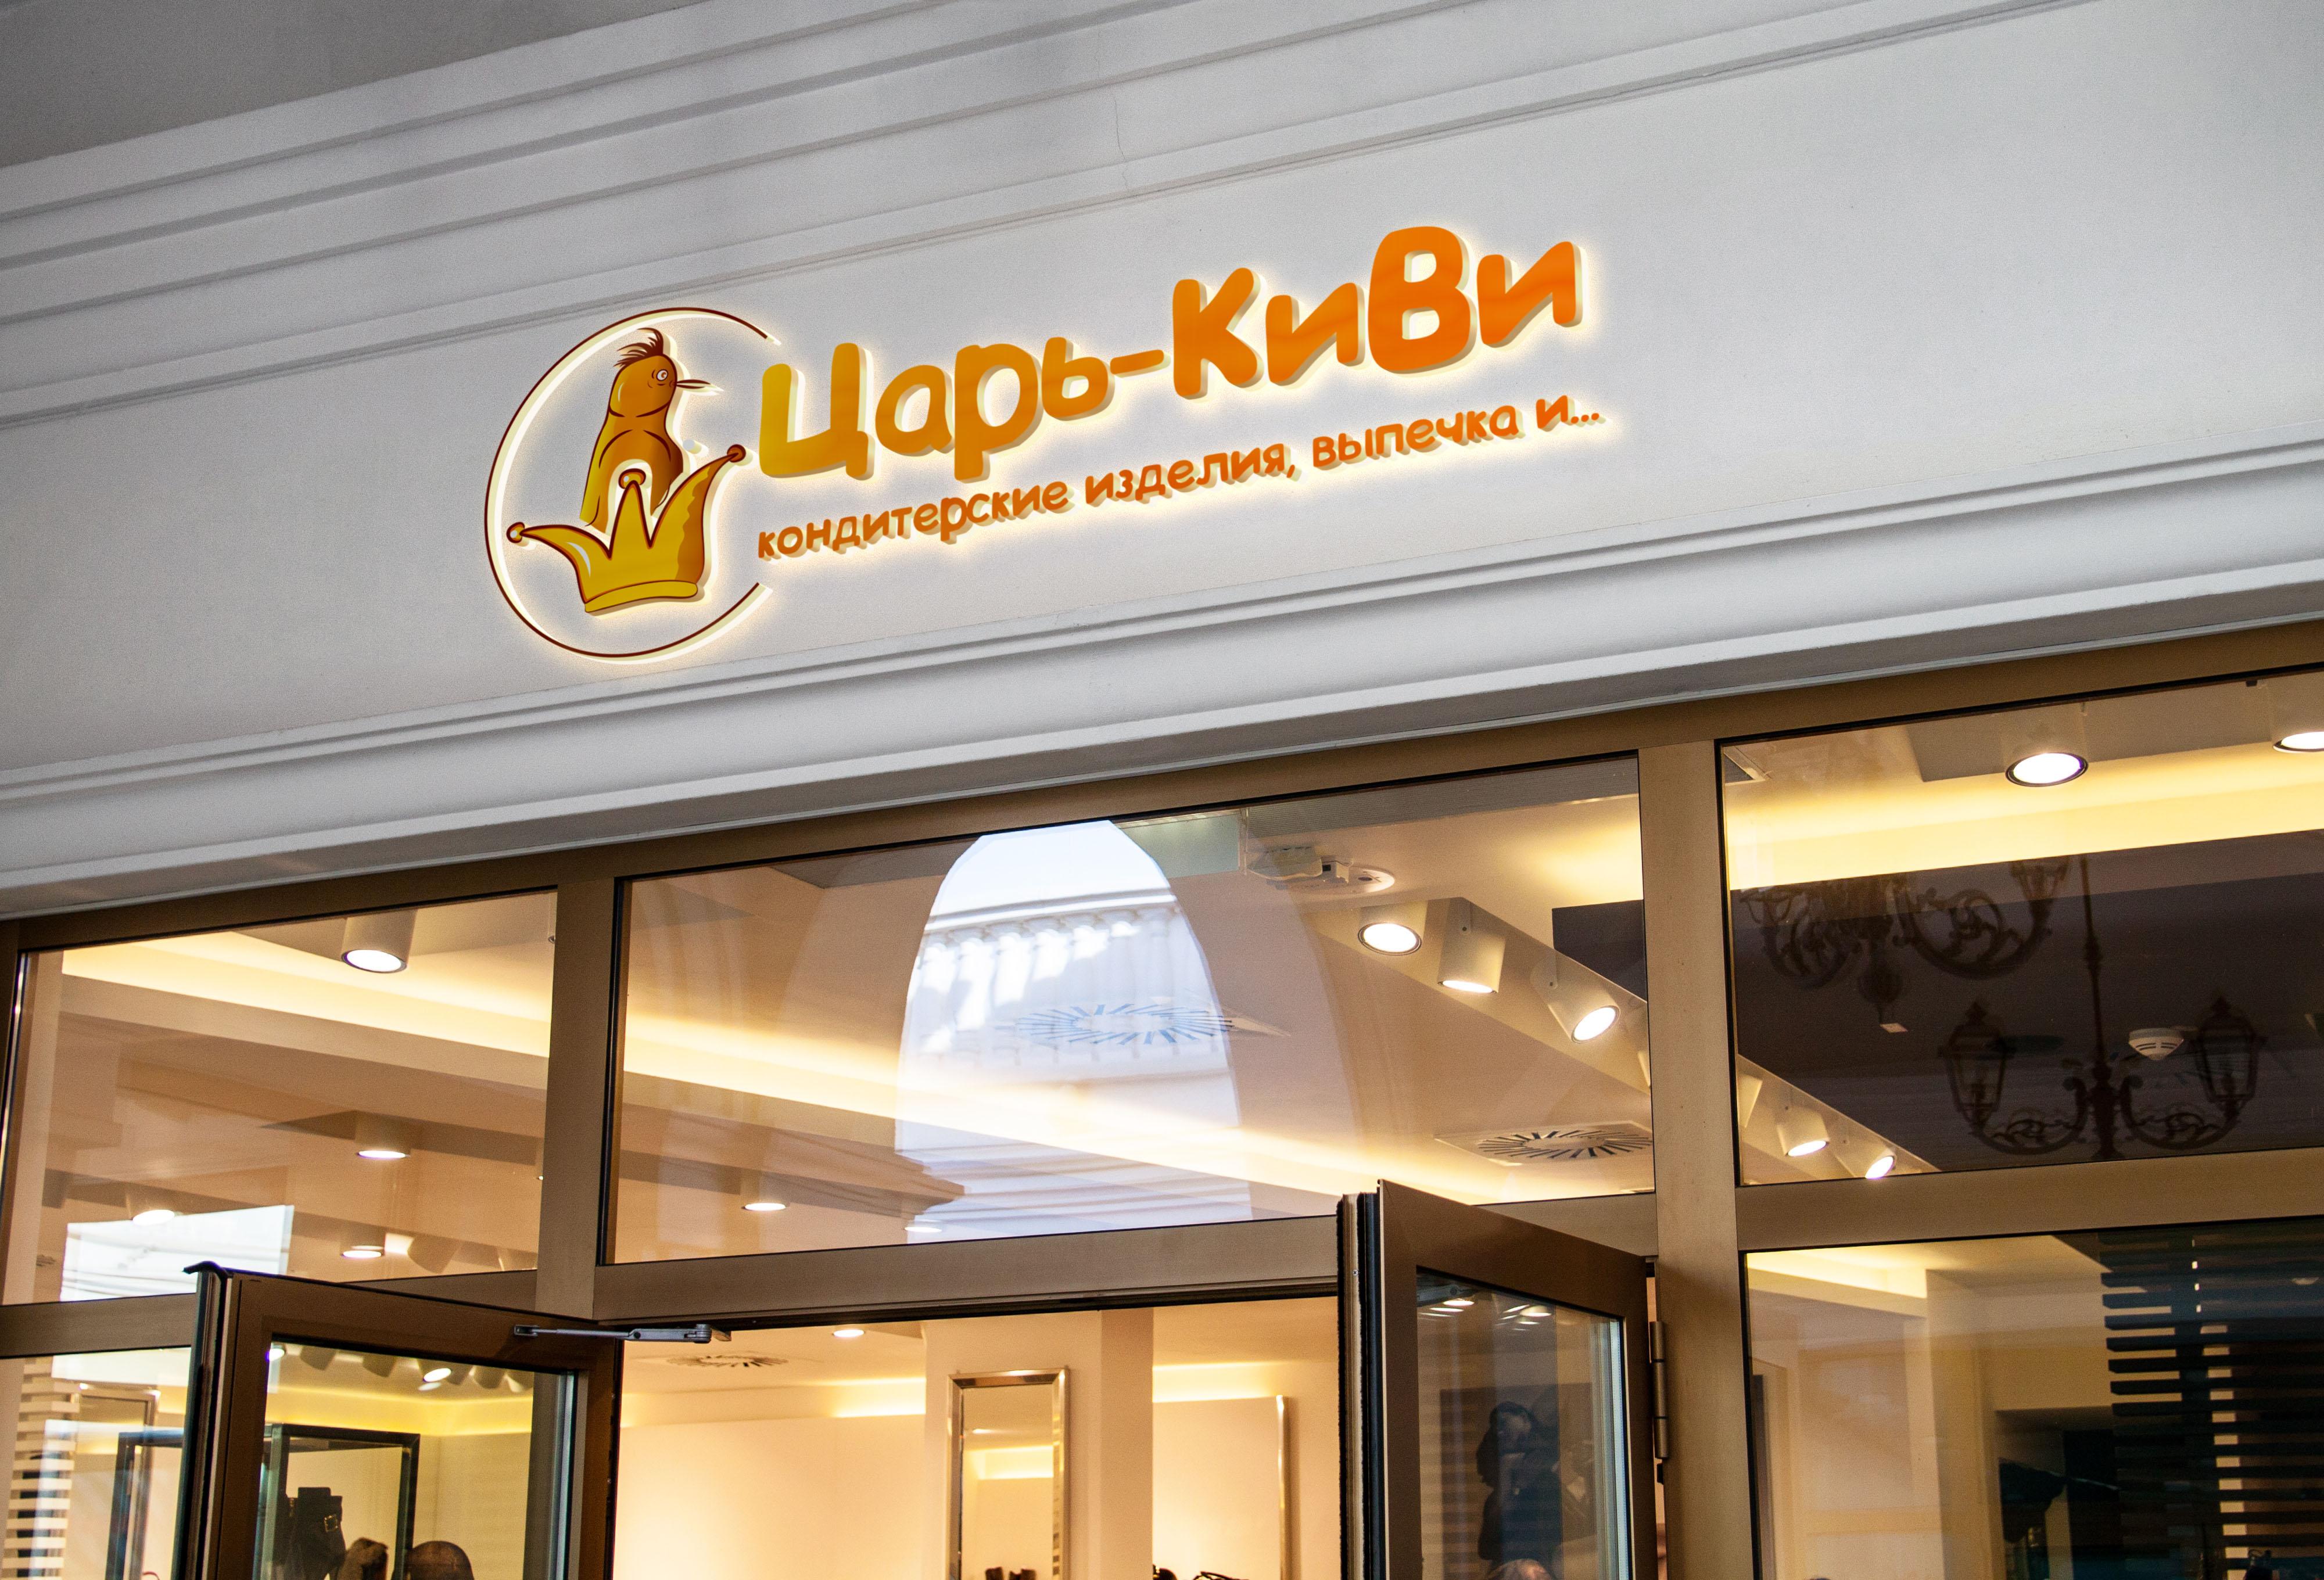 """Доработать дизайн логотипа кафе-кондитерской """"Царь-Киви"""" фото f_6025a08befea5176.jpg"""